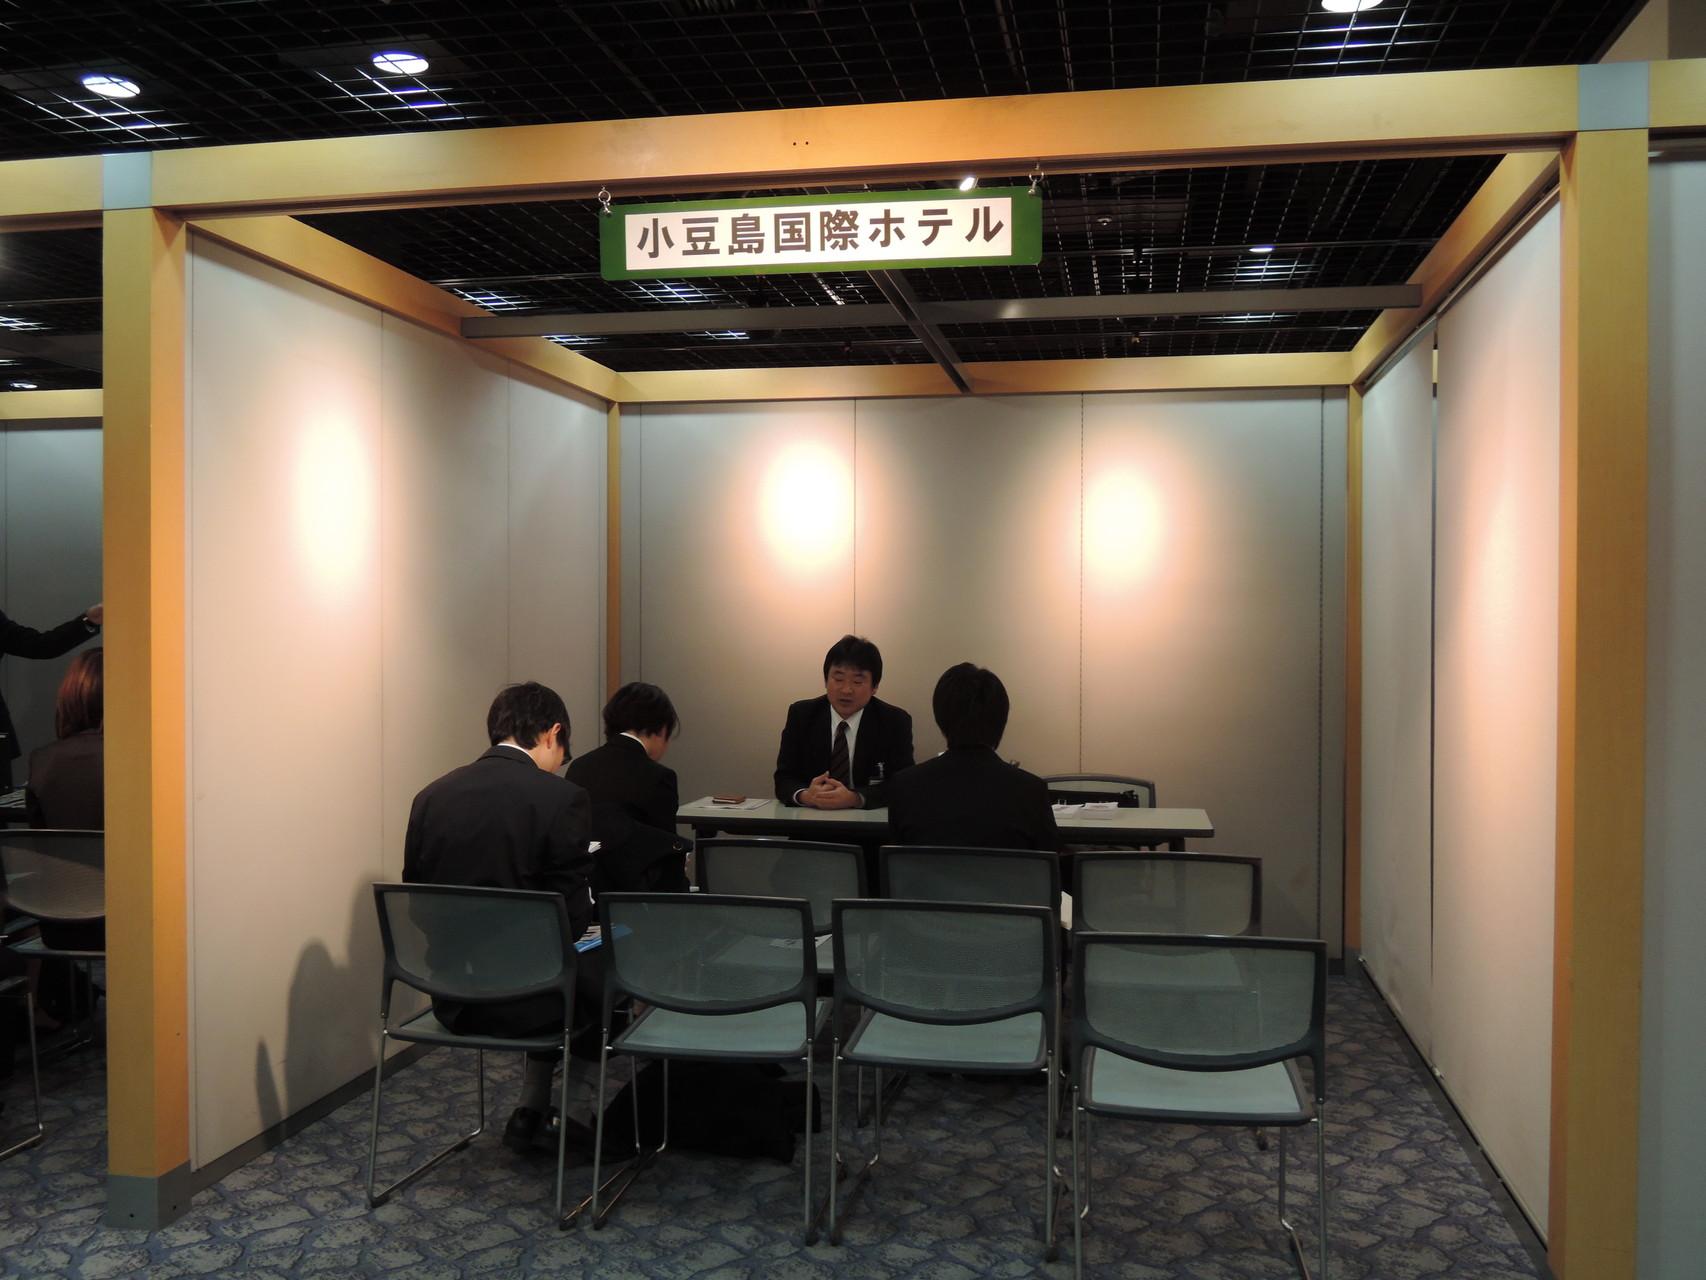 企業個別ブース(小豆島国際ホテル)